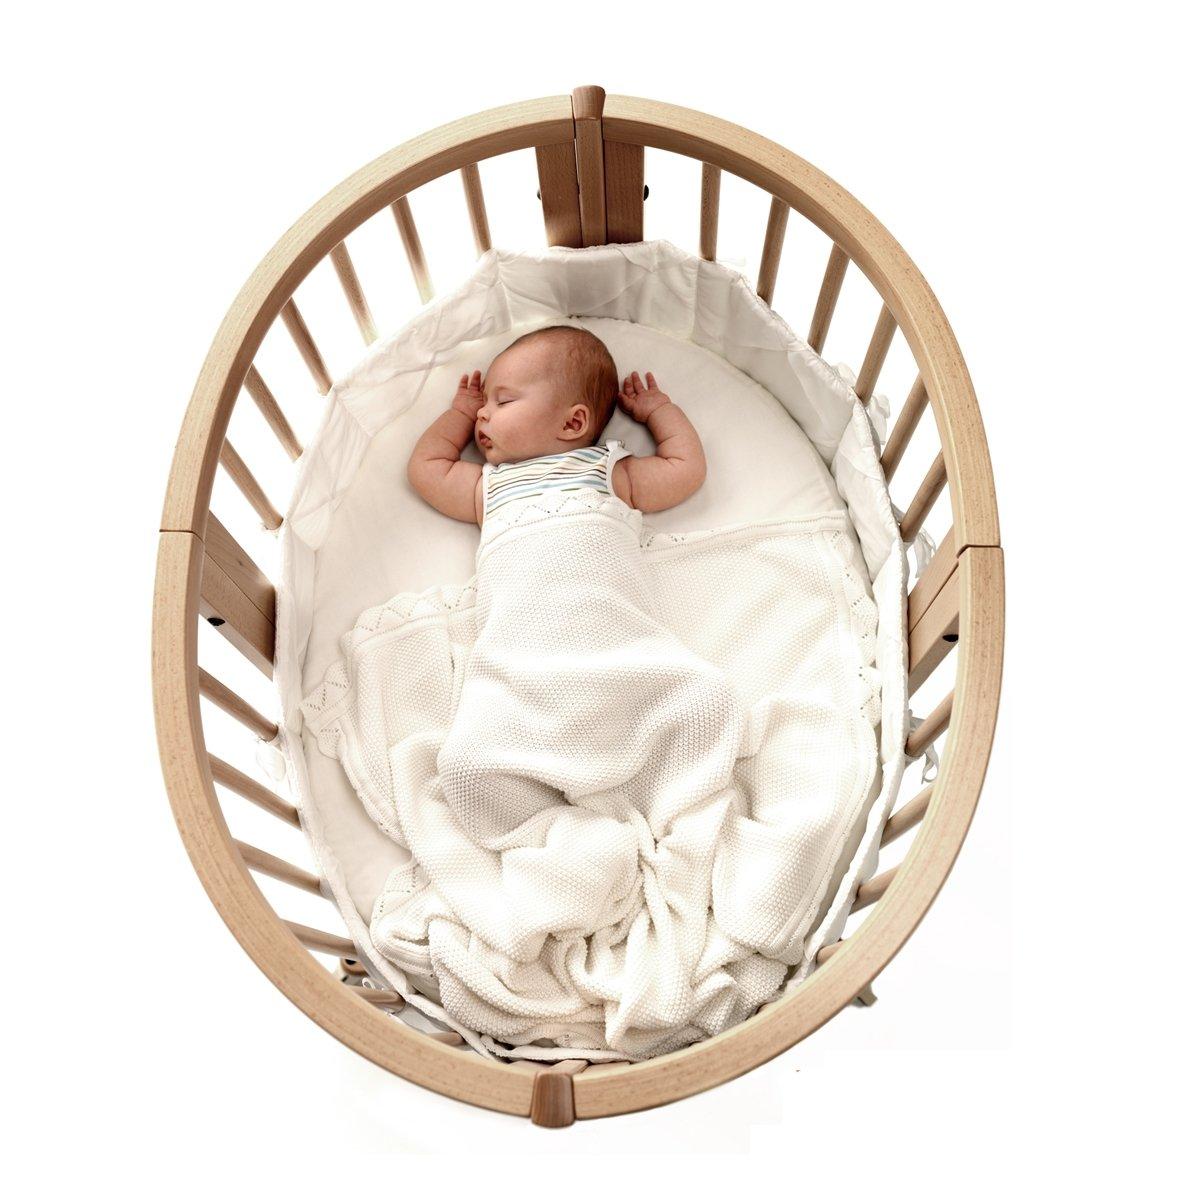 amazoncom  stokke sleepi mini fitted sheet white  crib fitted . amazoncom  stokke sleepi mini fitted sheet white  crib fitted sheets baby